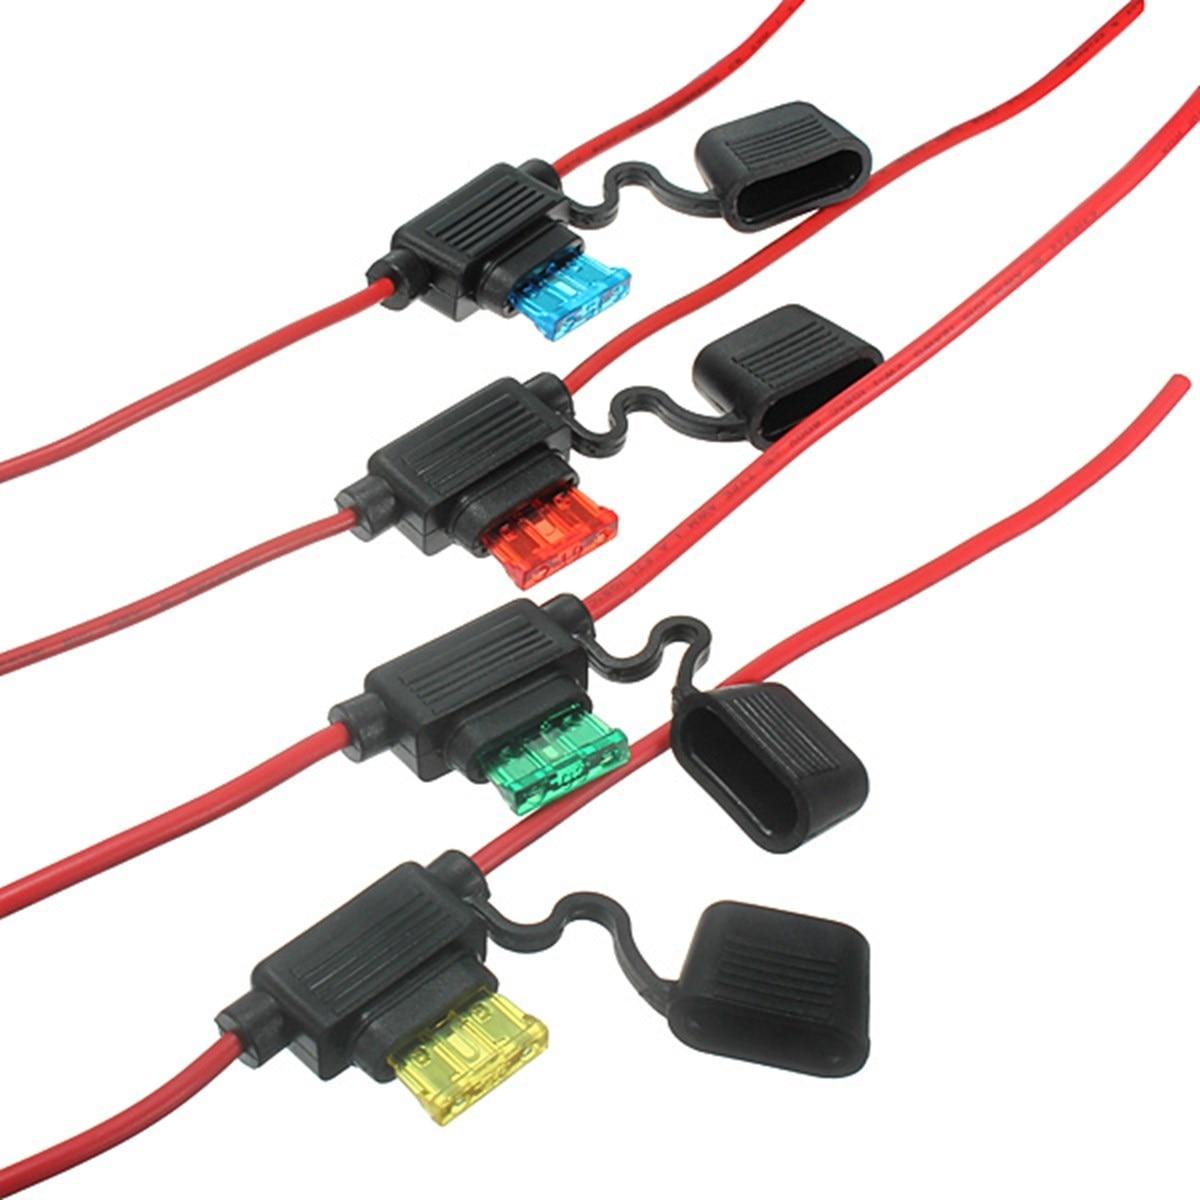 5 Amp Fuse For Box Behringer Eurolive Speaker Rk5 Holder In Pcs 6v 12v 24v Waterproof Car Auto 10 15 20 30a Line Blade